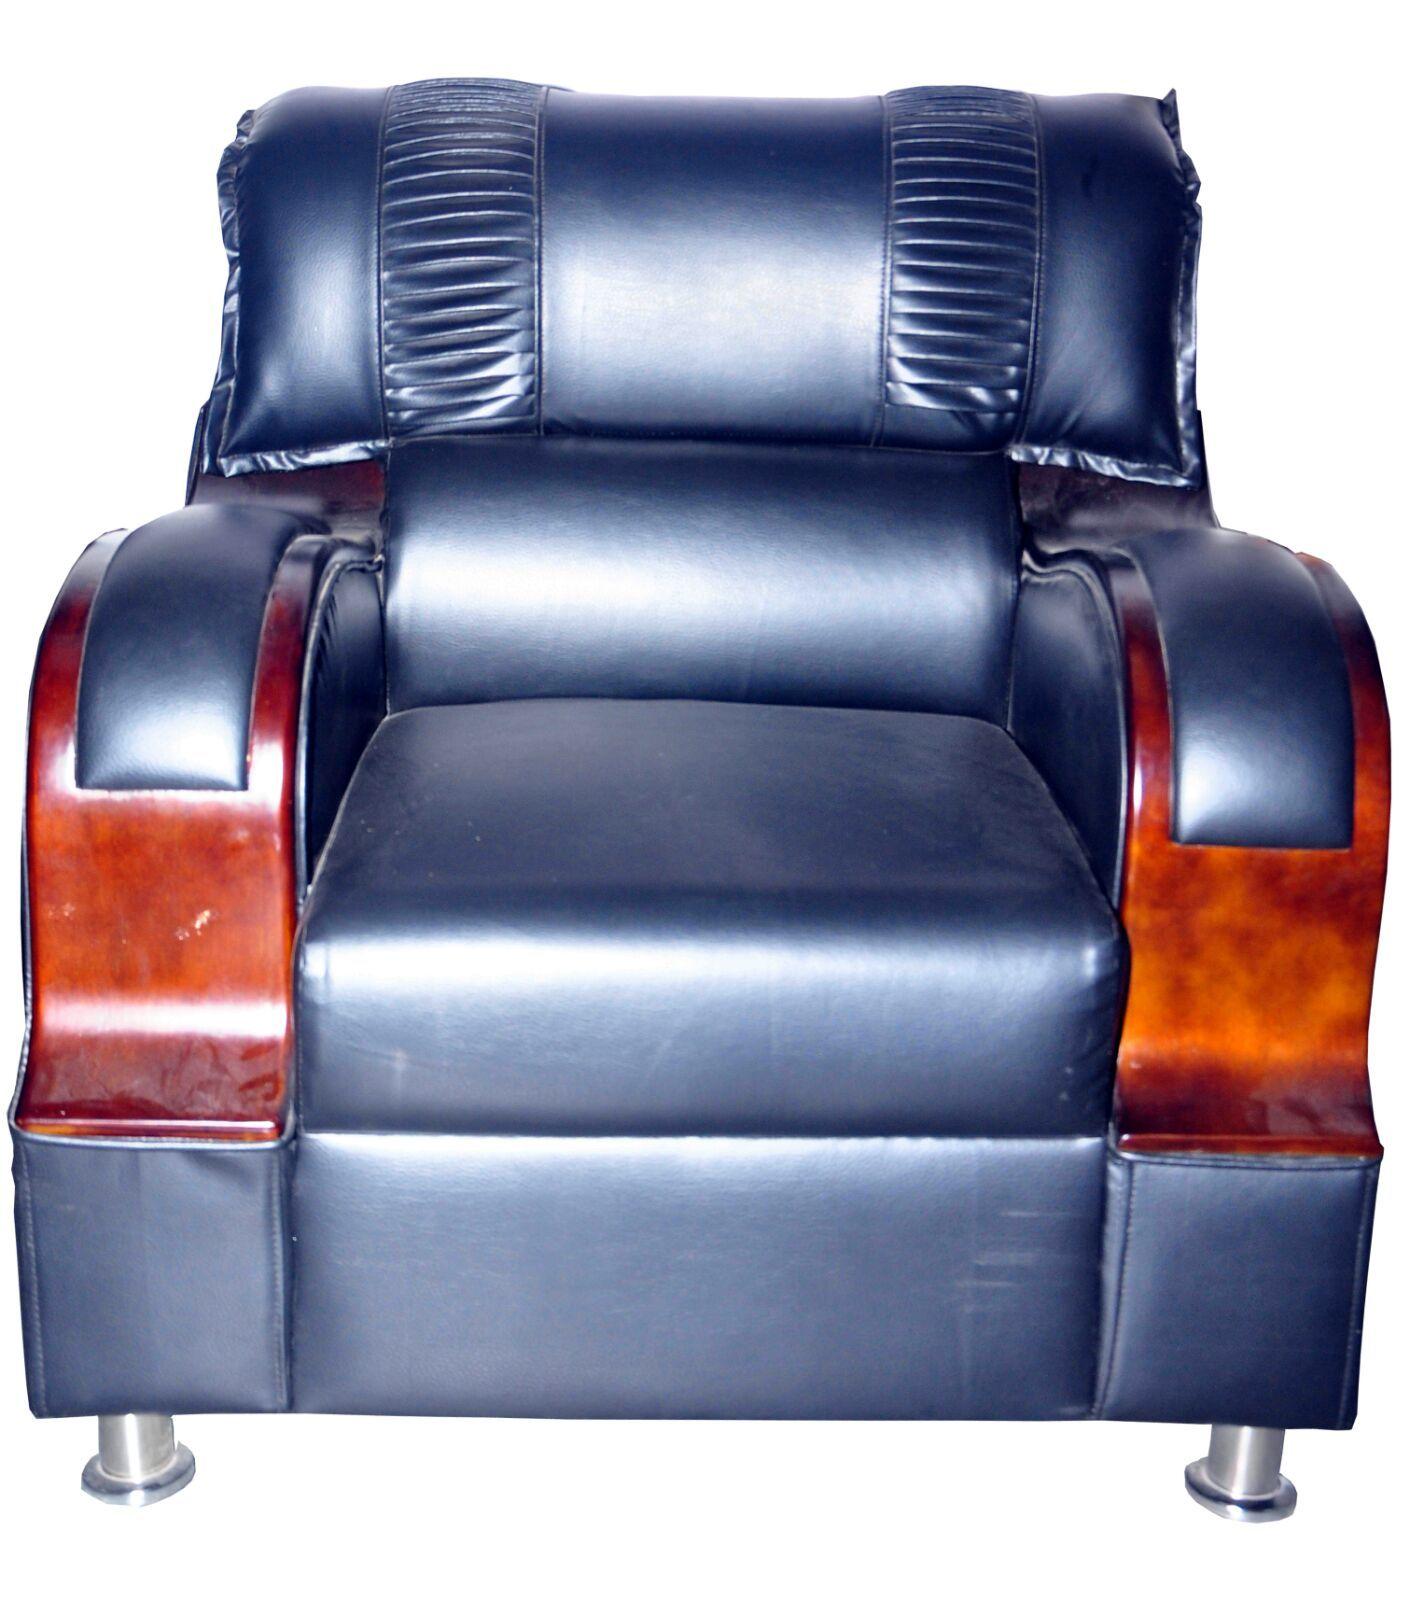 SOFA SETS JP Furnitures